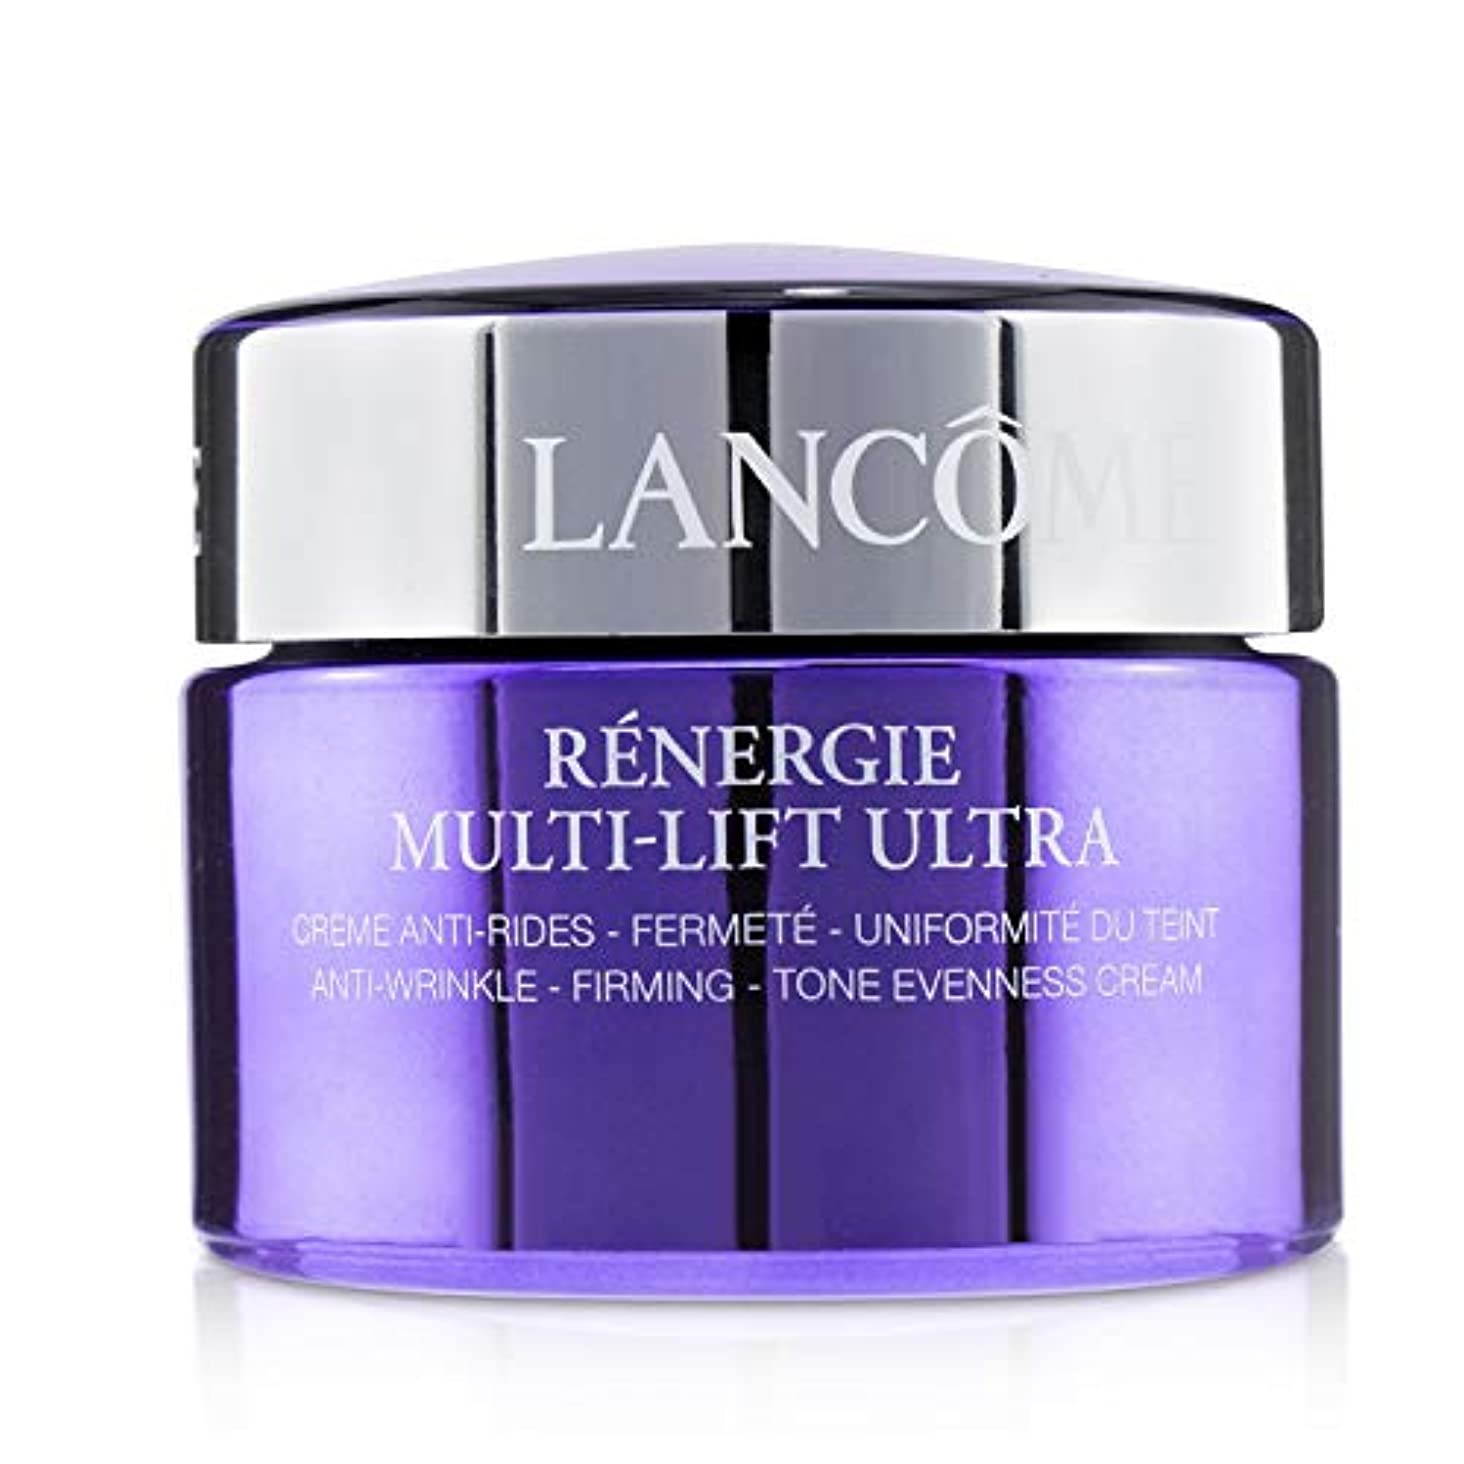 間隔しゃがむバットランコム Renergie Multi-Lift Ultra Anti-Wrinkle, Firming & Tone Evenness Cream 50ml/1.7oz並行輸入品